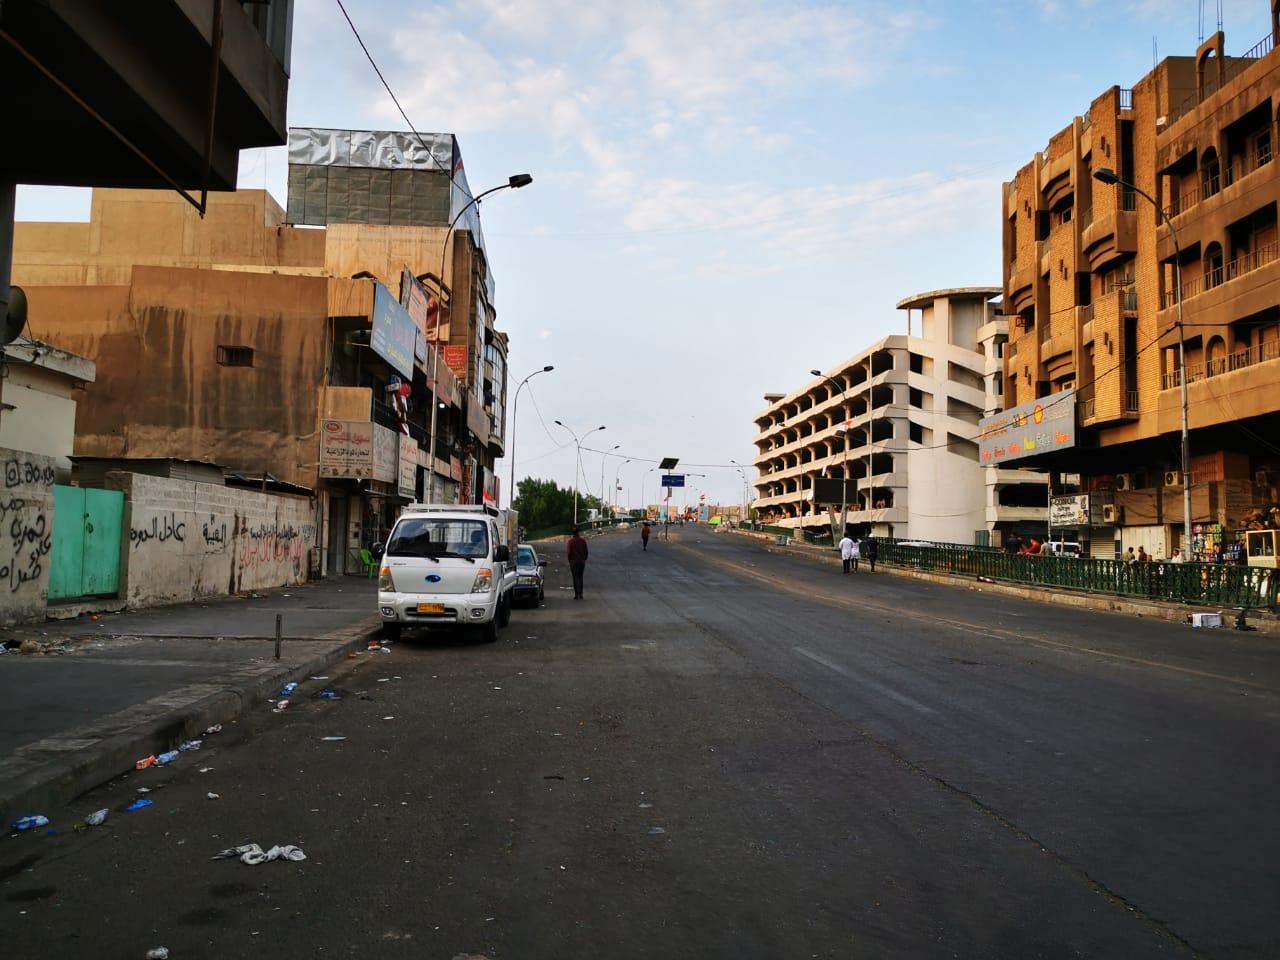 مدن عراقية تشهد اضرابا عاما بغلق طرق حيوية ودوائر حكومية